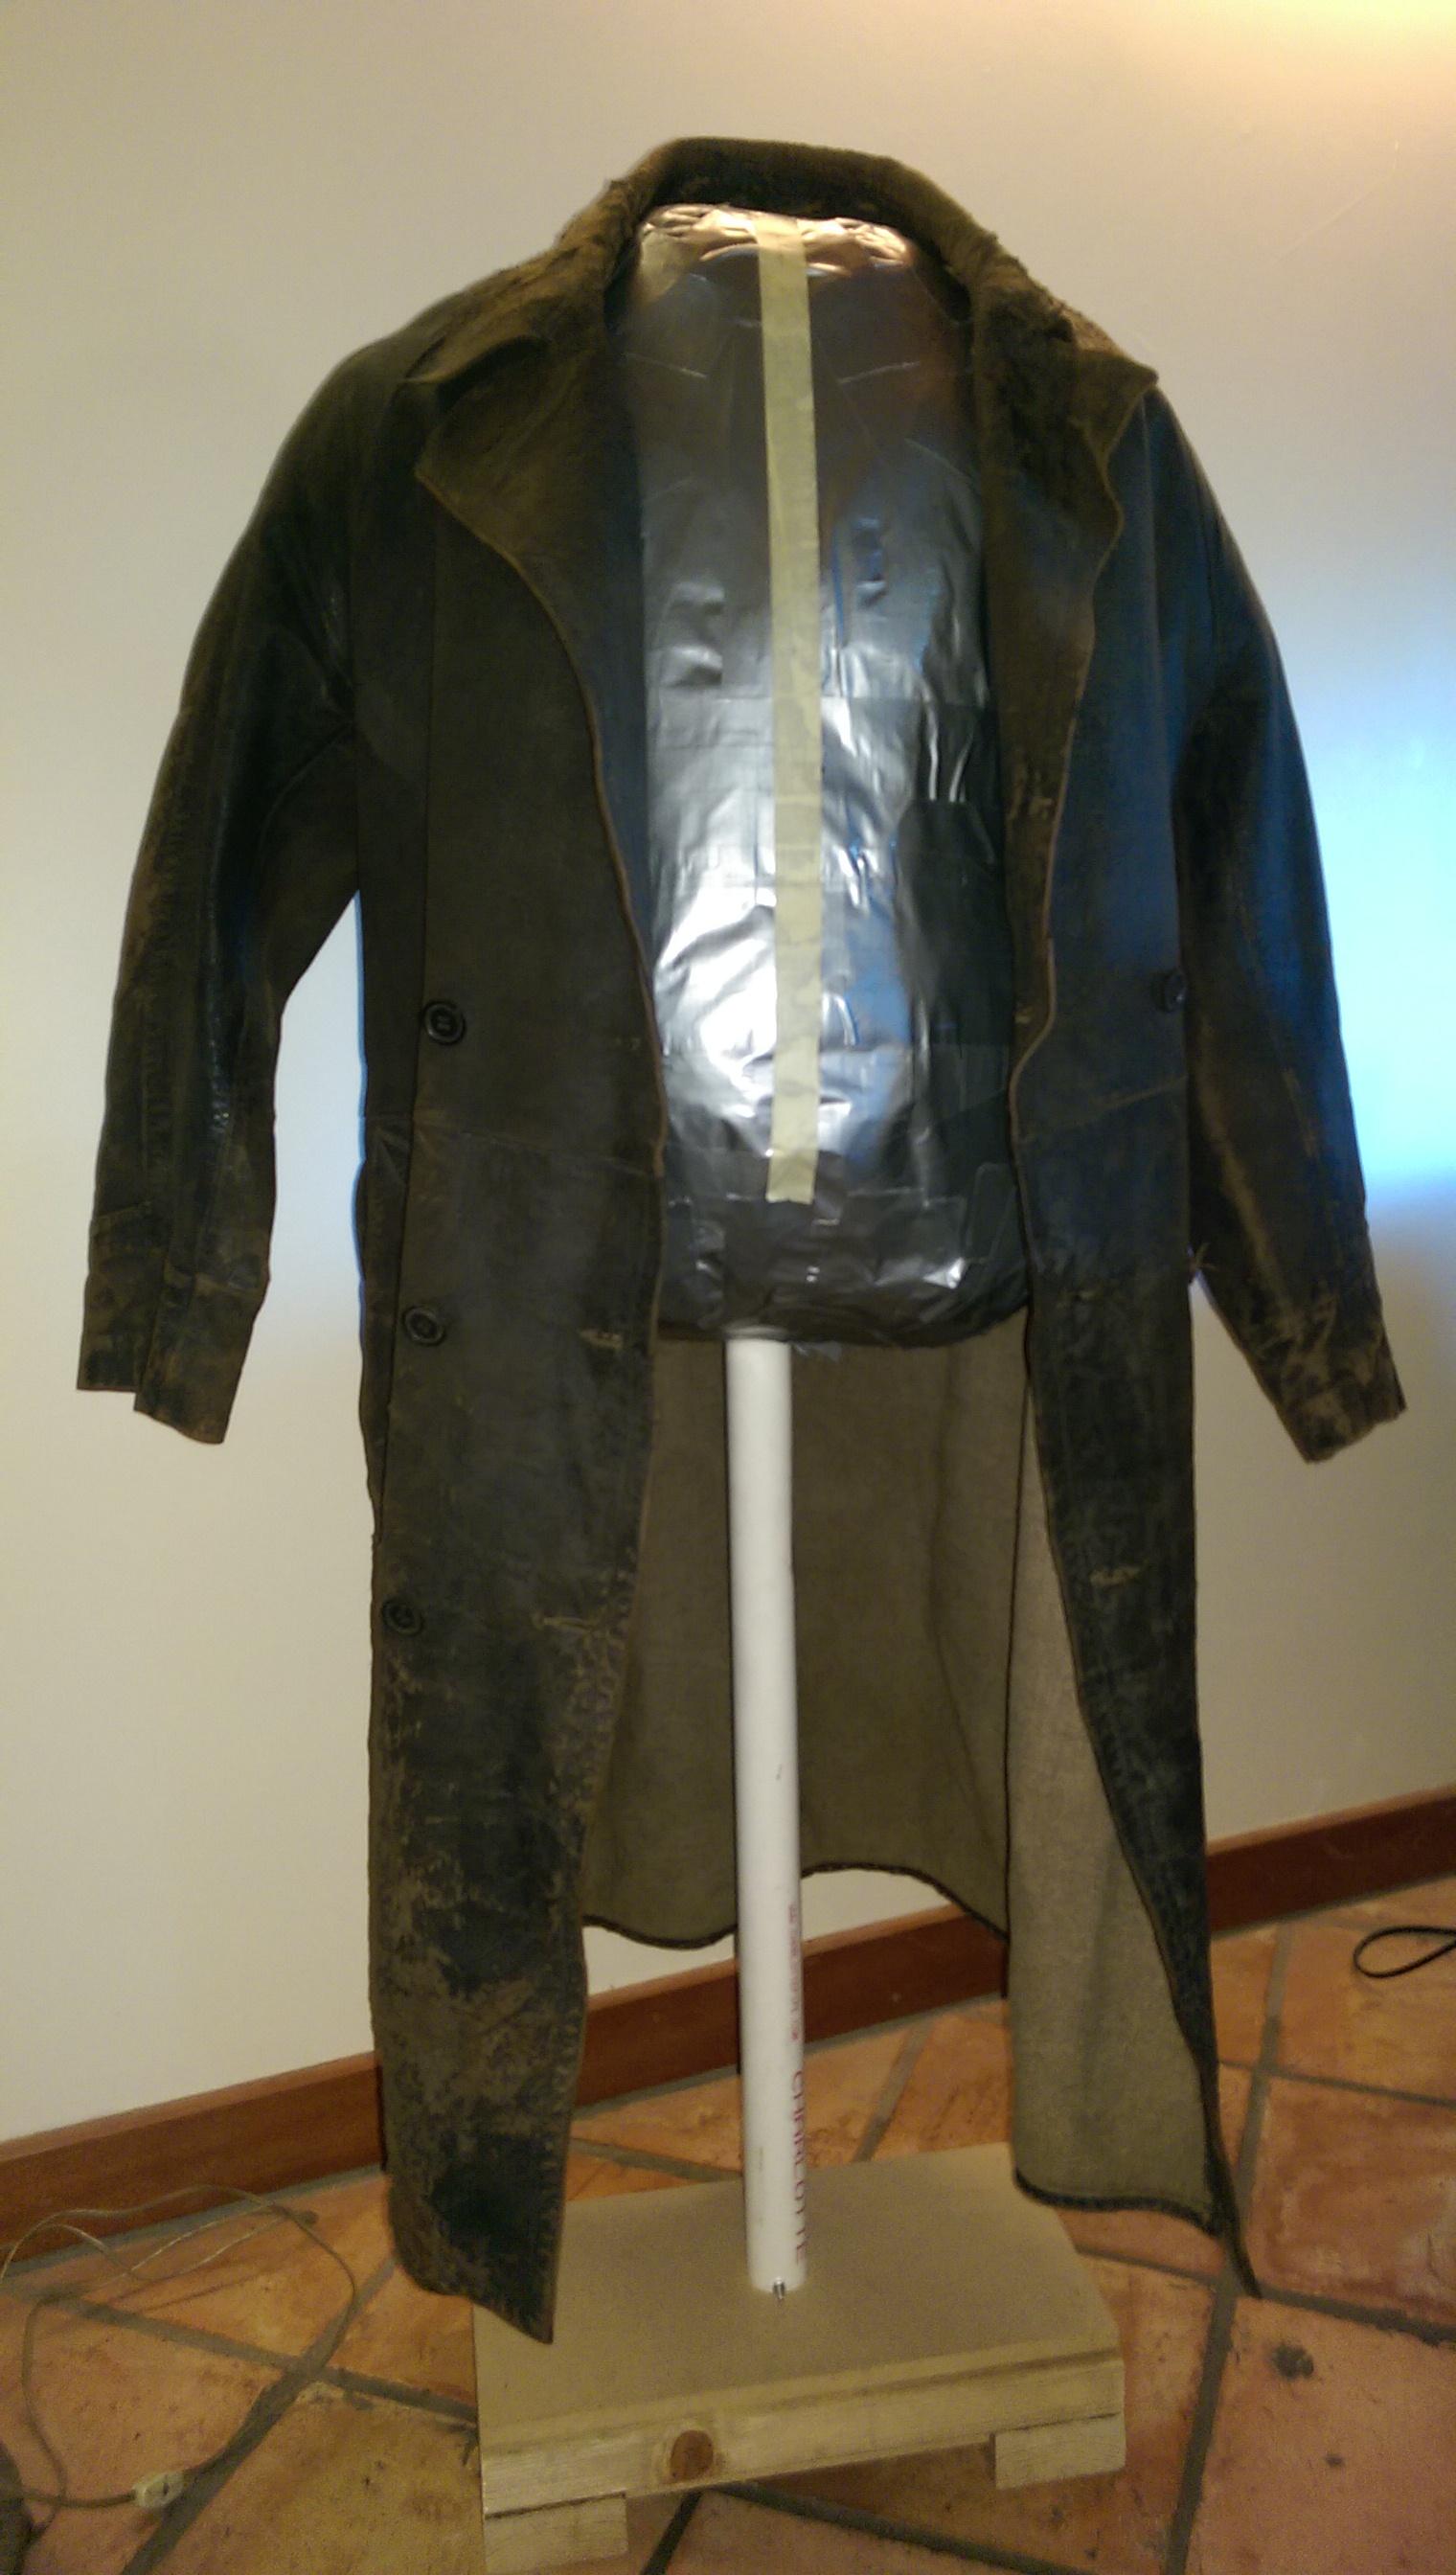 The coat I purchased on eBay